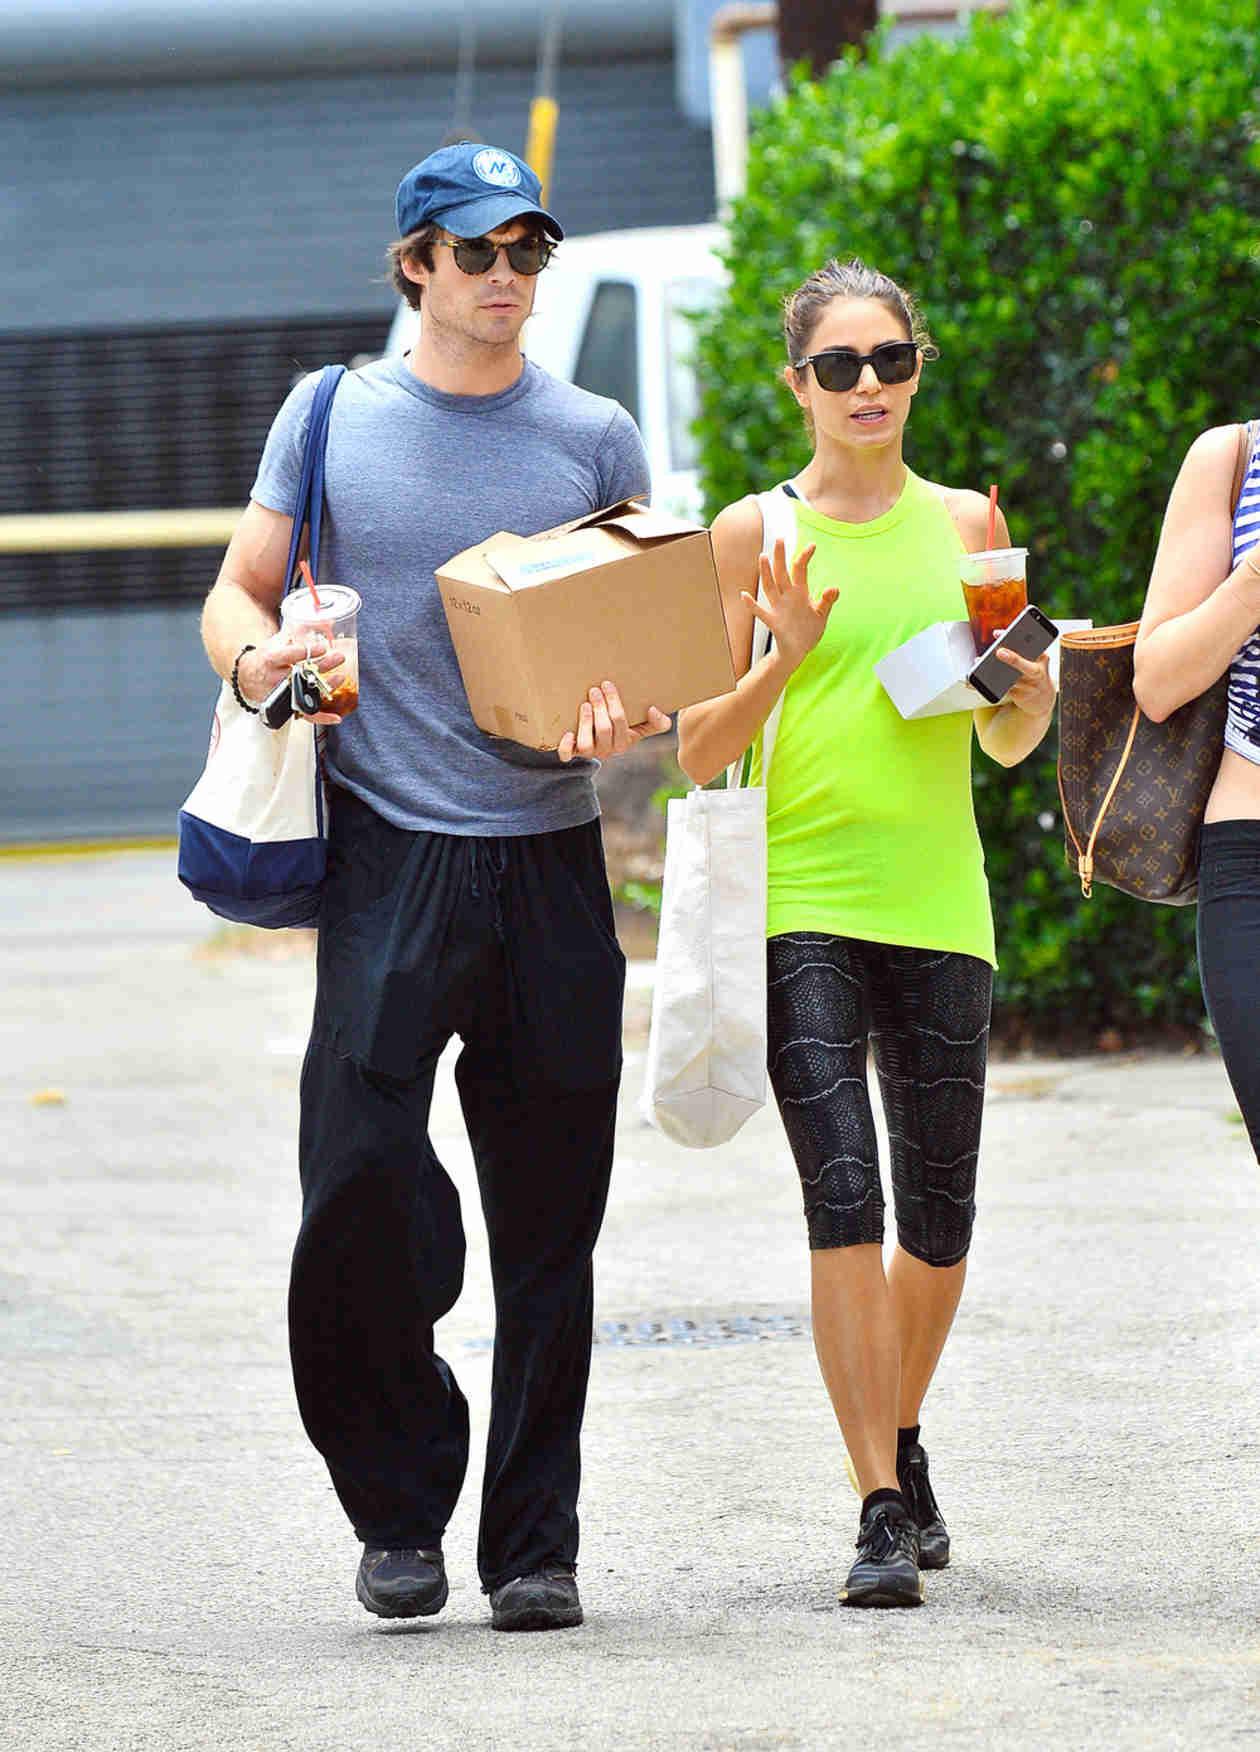 Ian Somerhalder and Nikki Reed Named Summer's Hottest Celebrity Couple